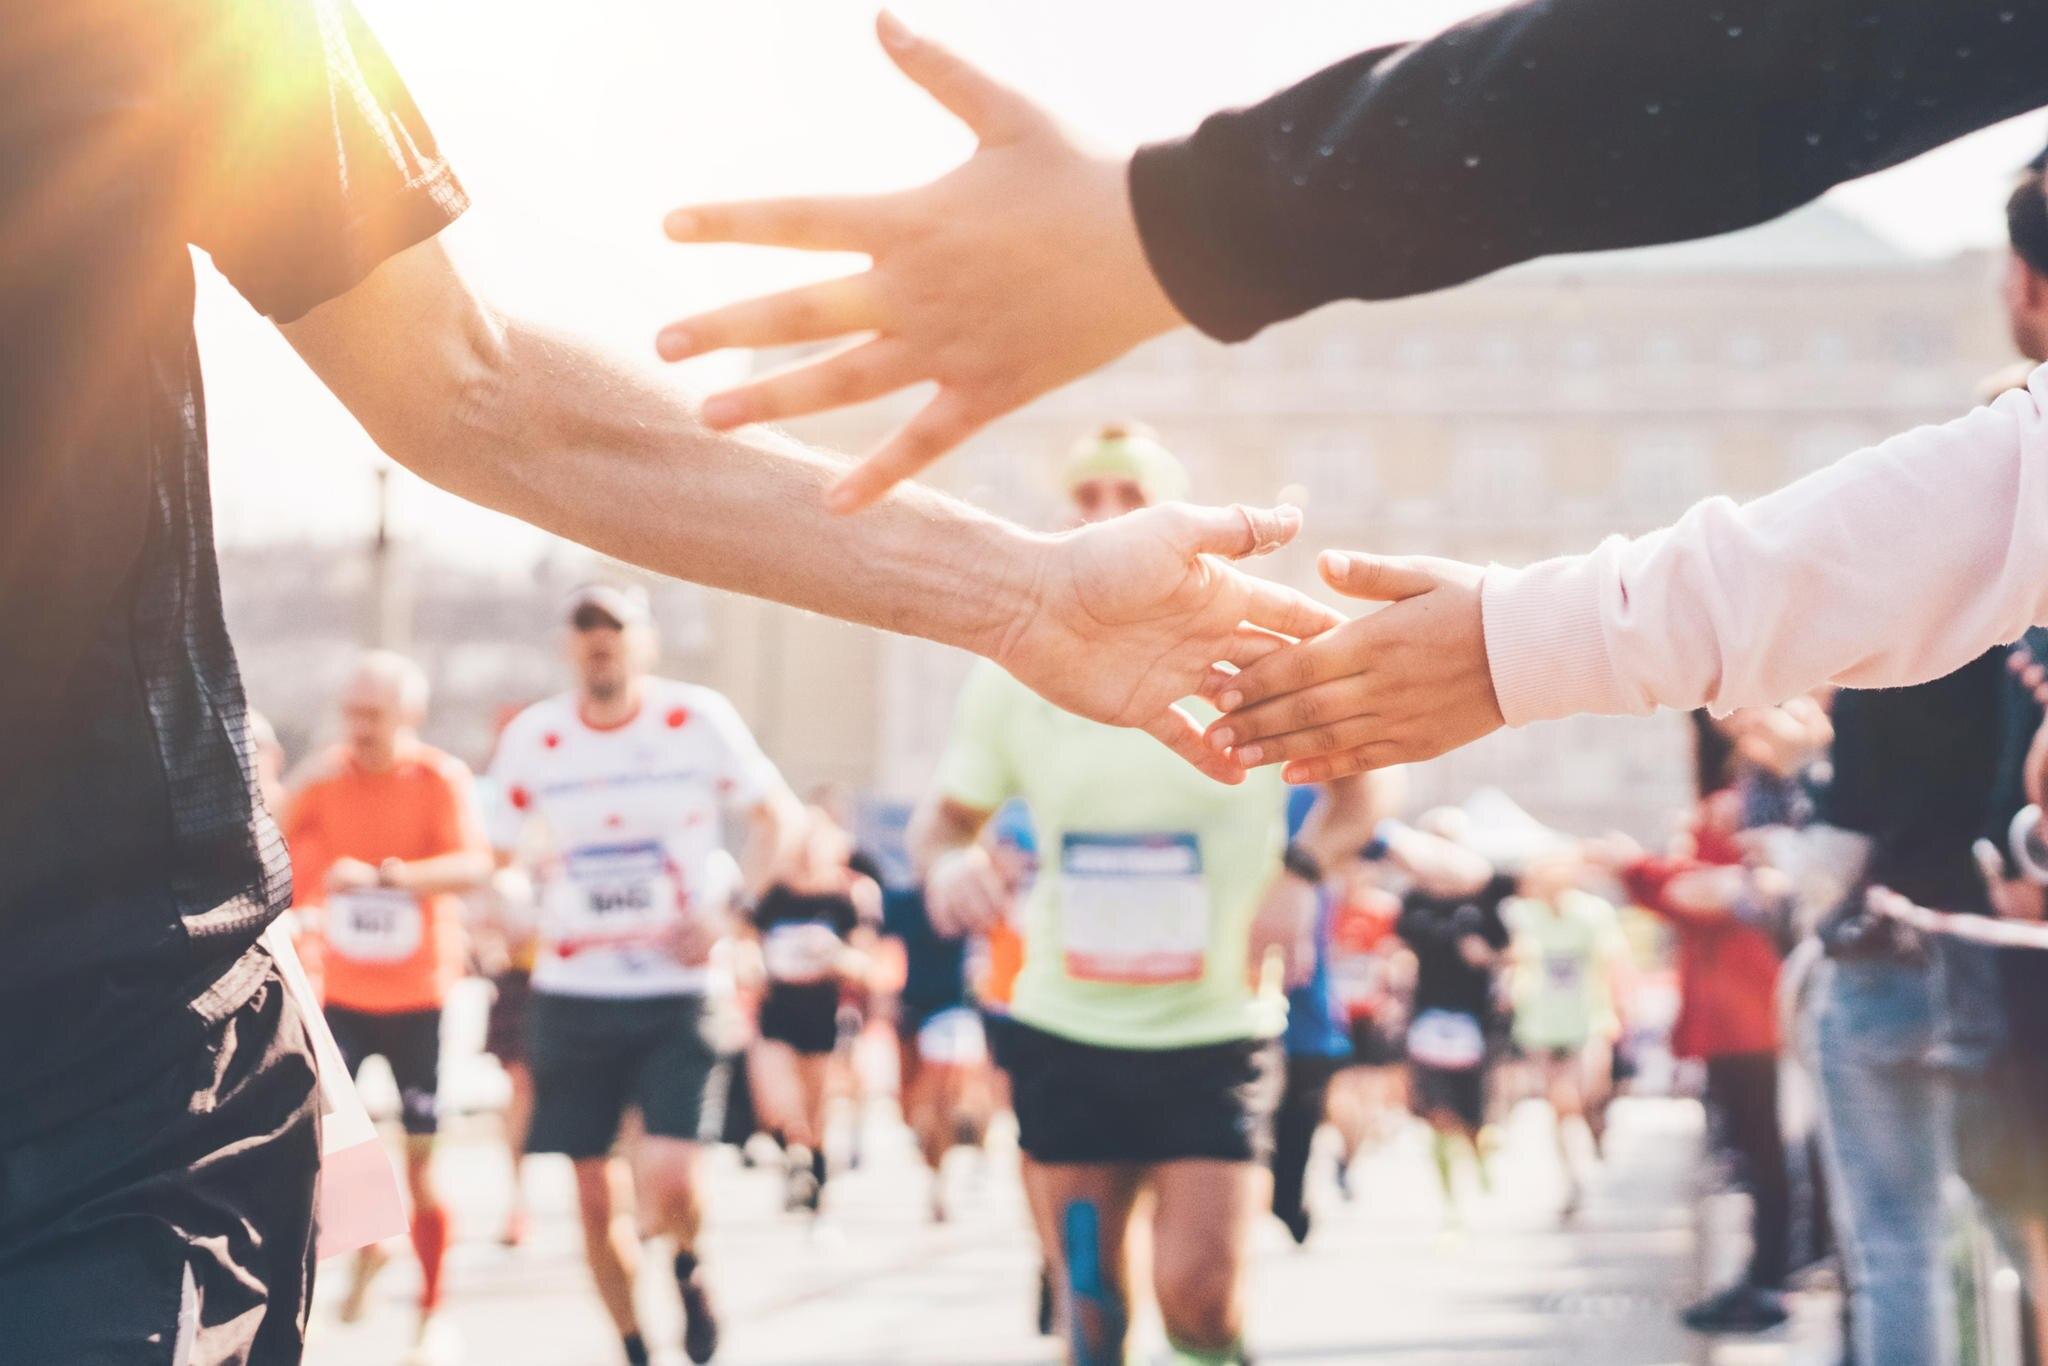 In München ist ein 14-Jähriger versehentlich einen Marathon gelaufen (Symbolbild).